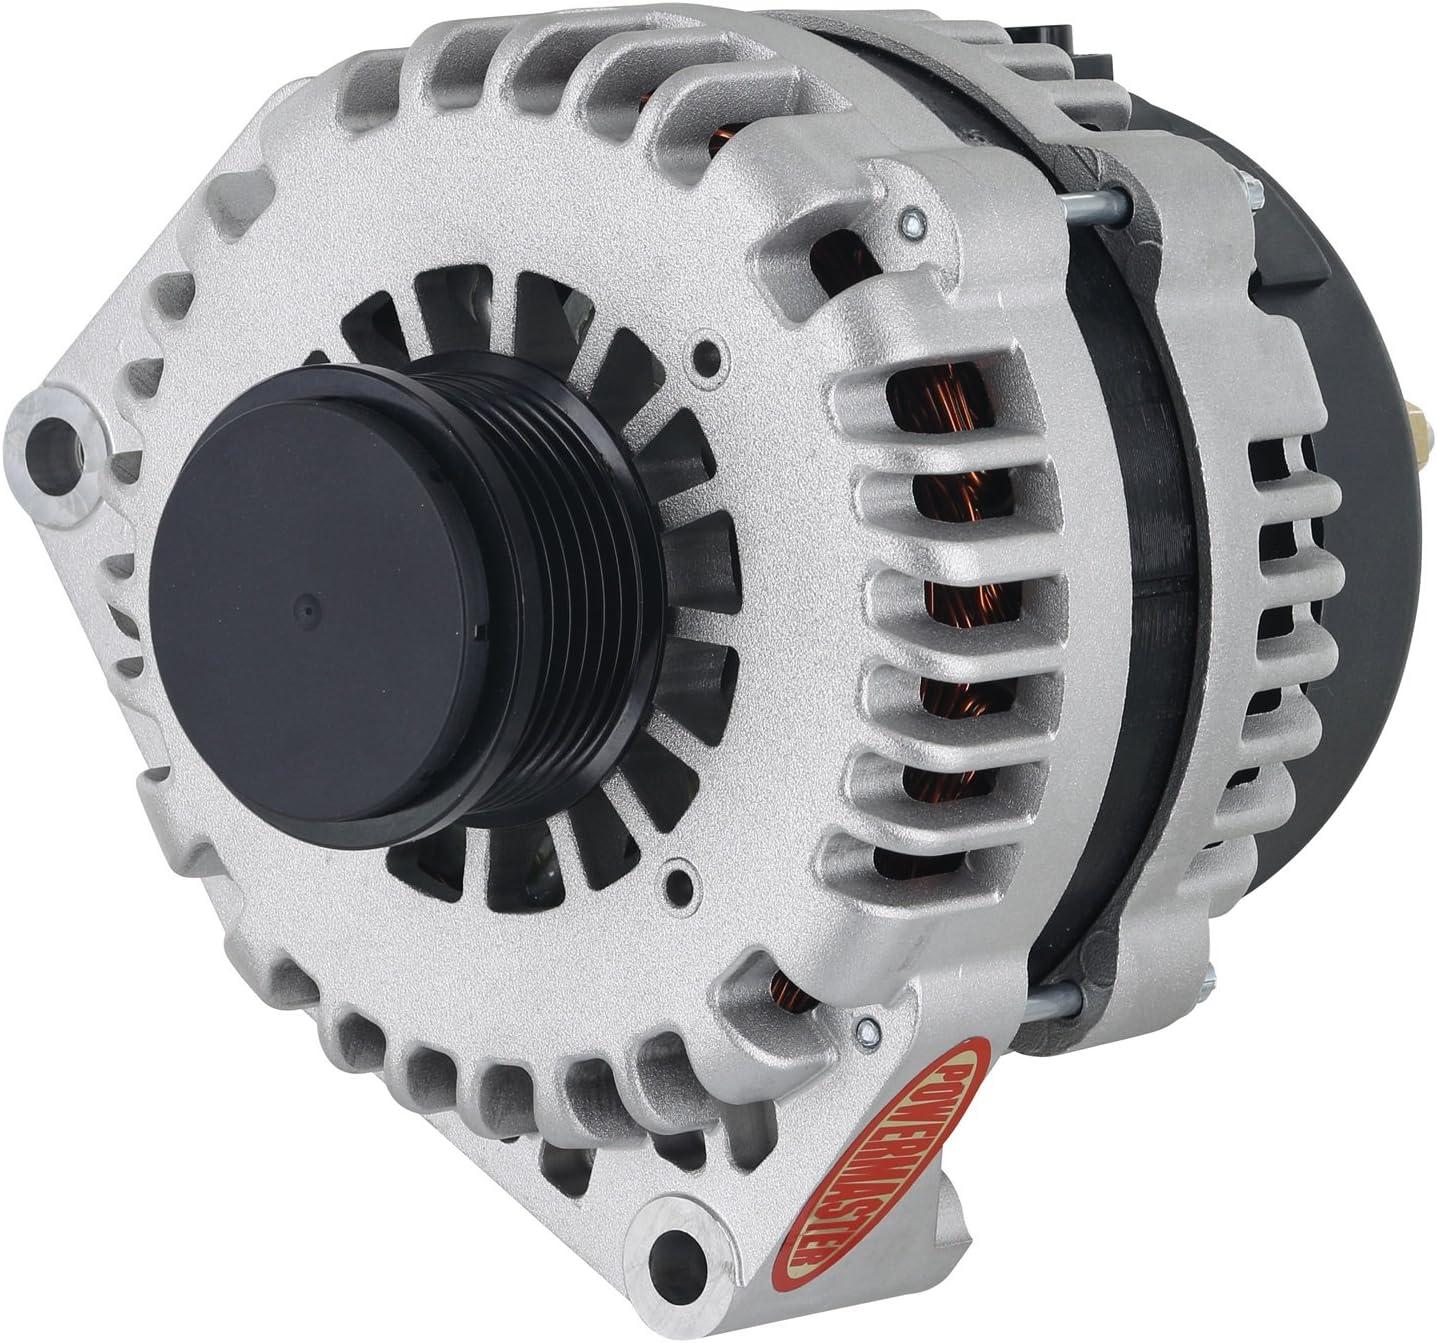 New Alternator for 5.7L 5.7 Corvette 02 03 04 2002 2003 2004 10305776 15841233